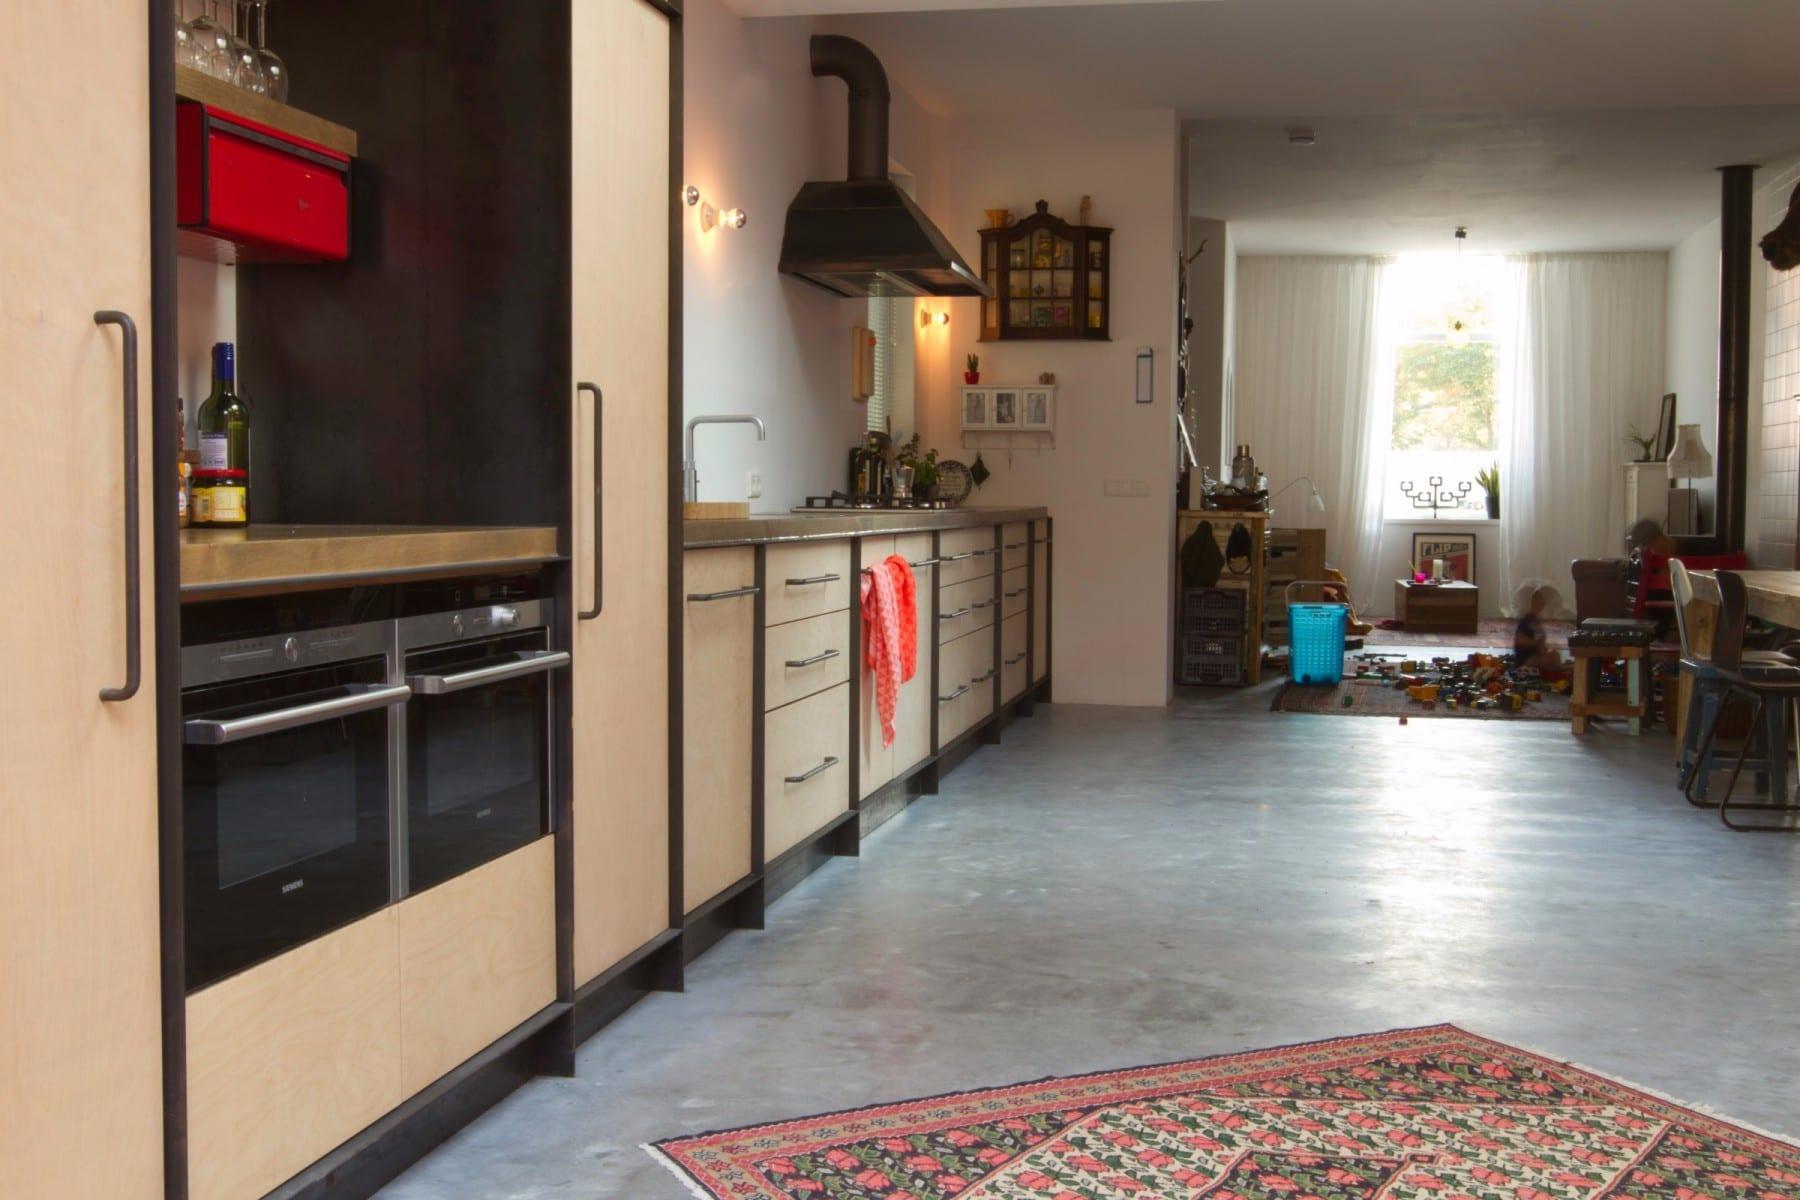 Industri le keuken meubelmakerij houtkwadraat for Kleine keukens fotos